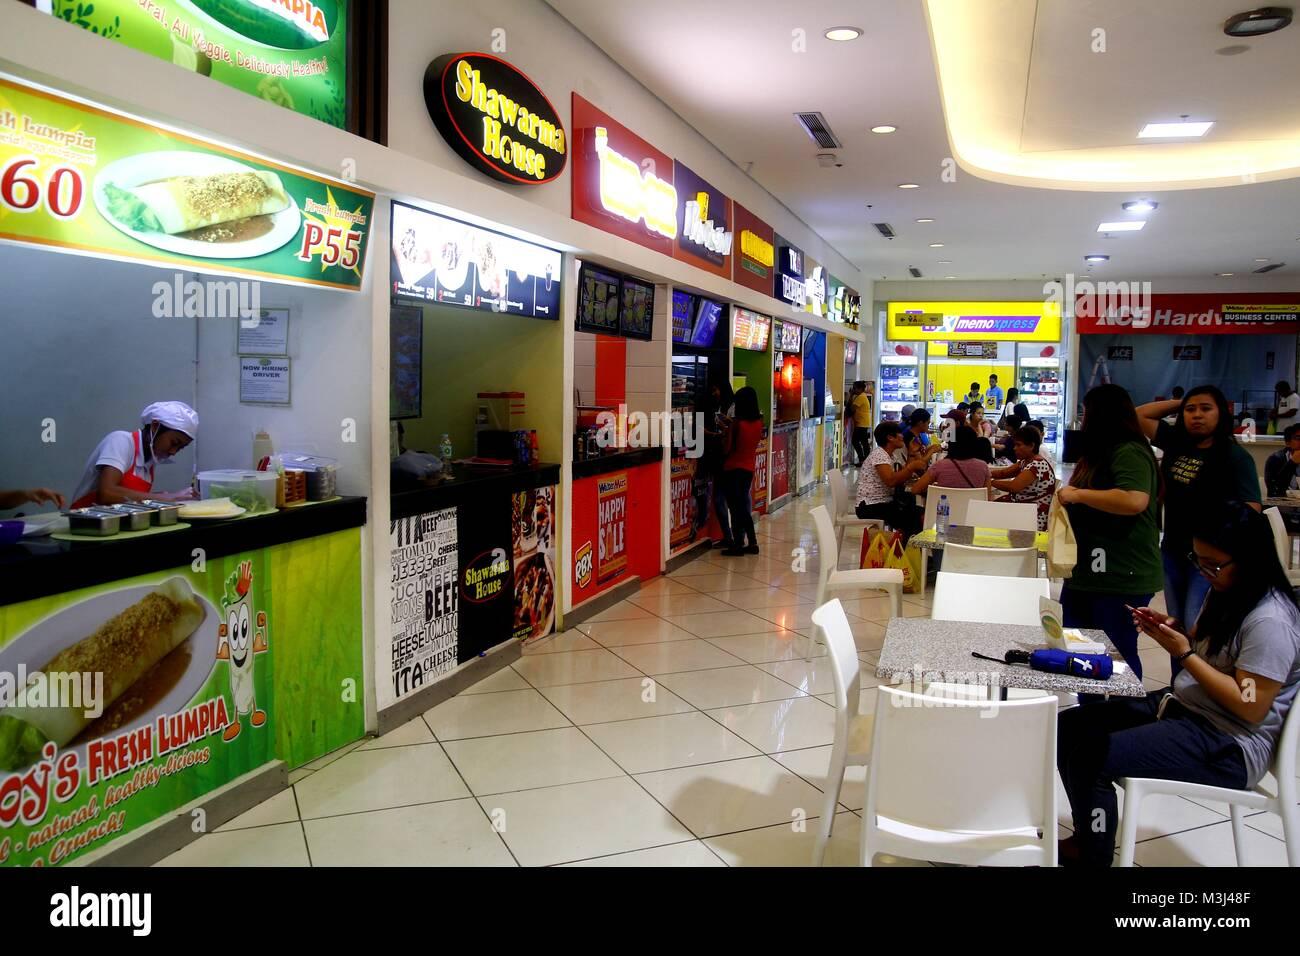 TAYTAY, RIZAL, PHILIPPINES - JANUARY 29, 2018: Food kiosks